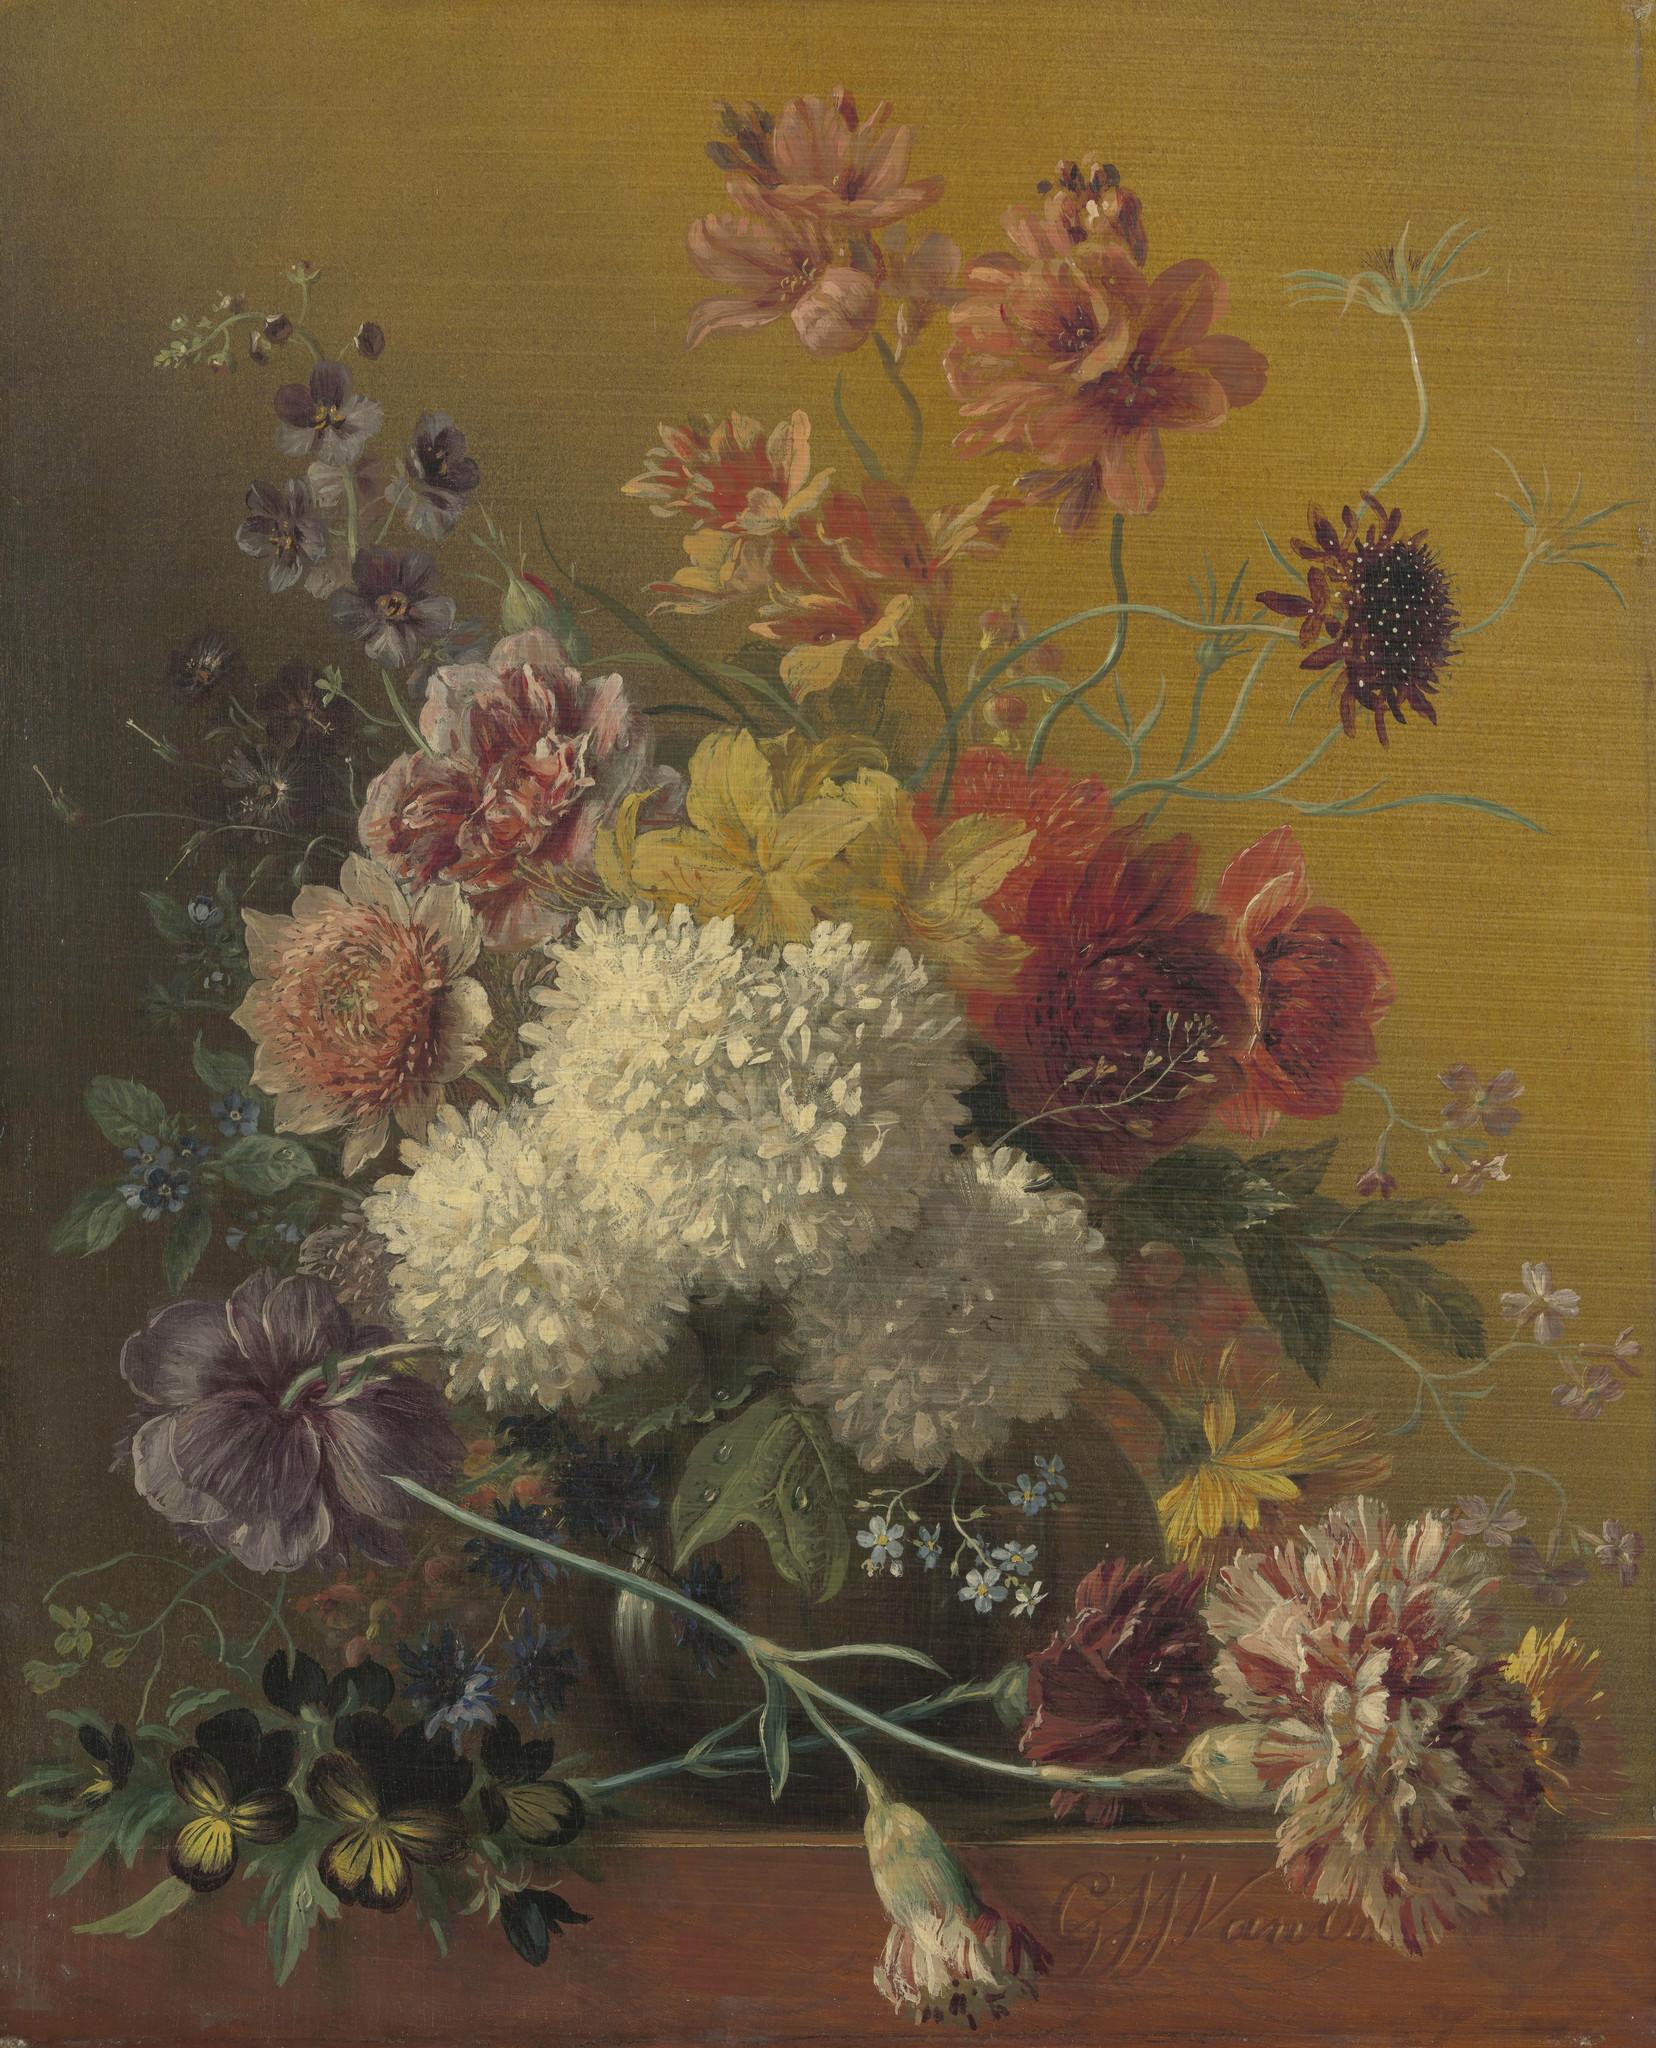 Stilleven met bloemen - Van Os op Plexiglas